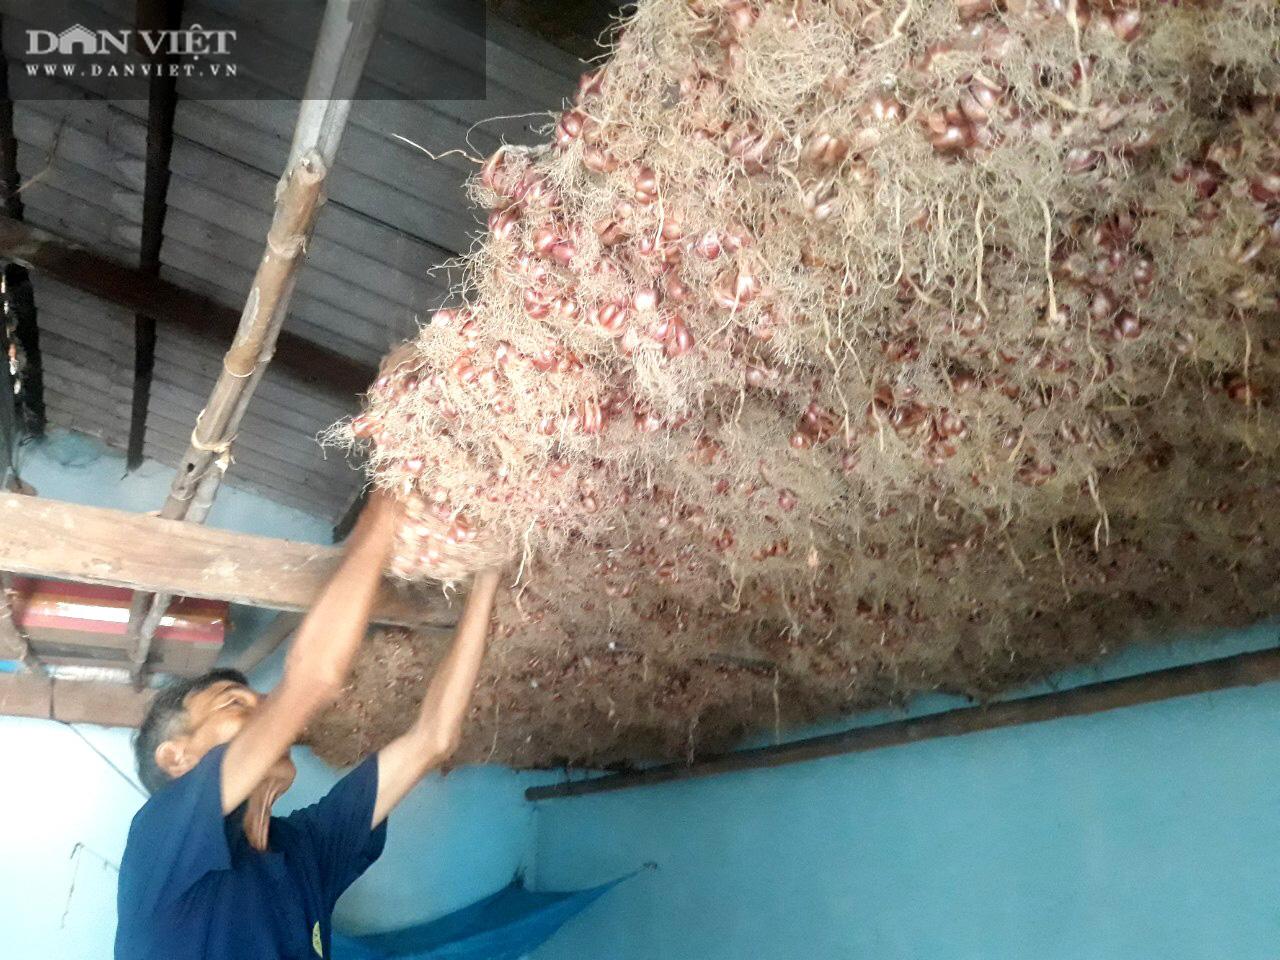 """Giá hành tím bất ngờ hạ giá, bán 1kg không mua nổi ổ bánh mì, nông dân Bình Định lao vào cú """"sốc"""" - Ảnh 1."""